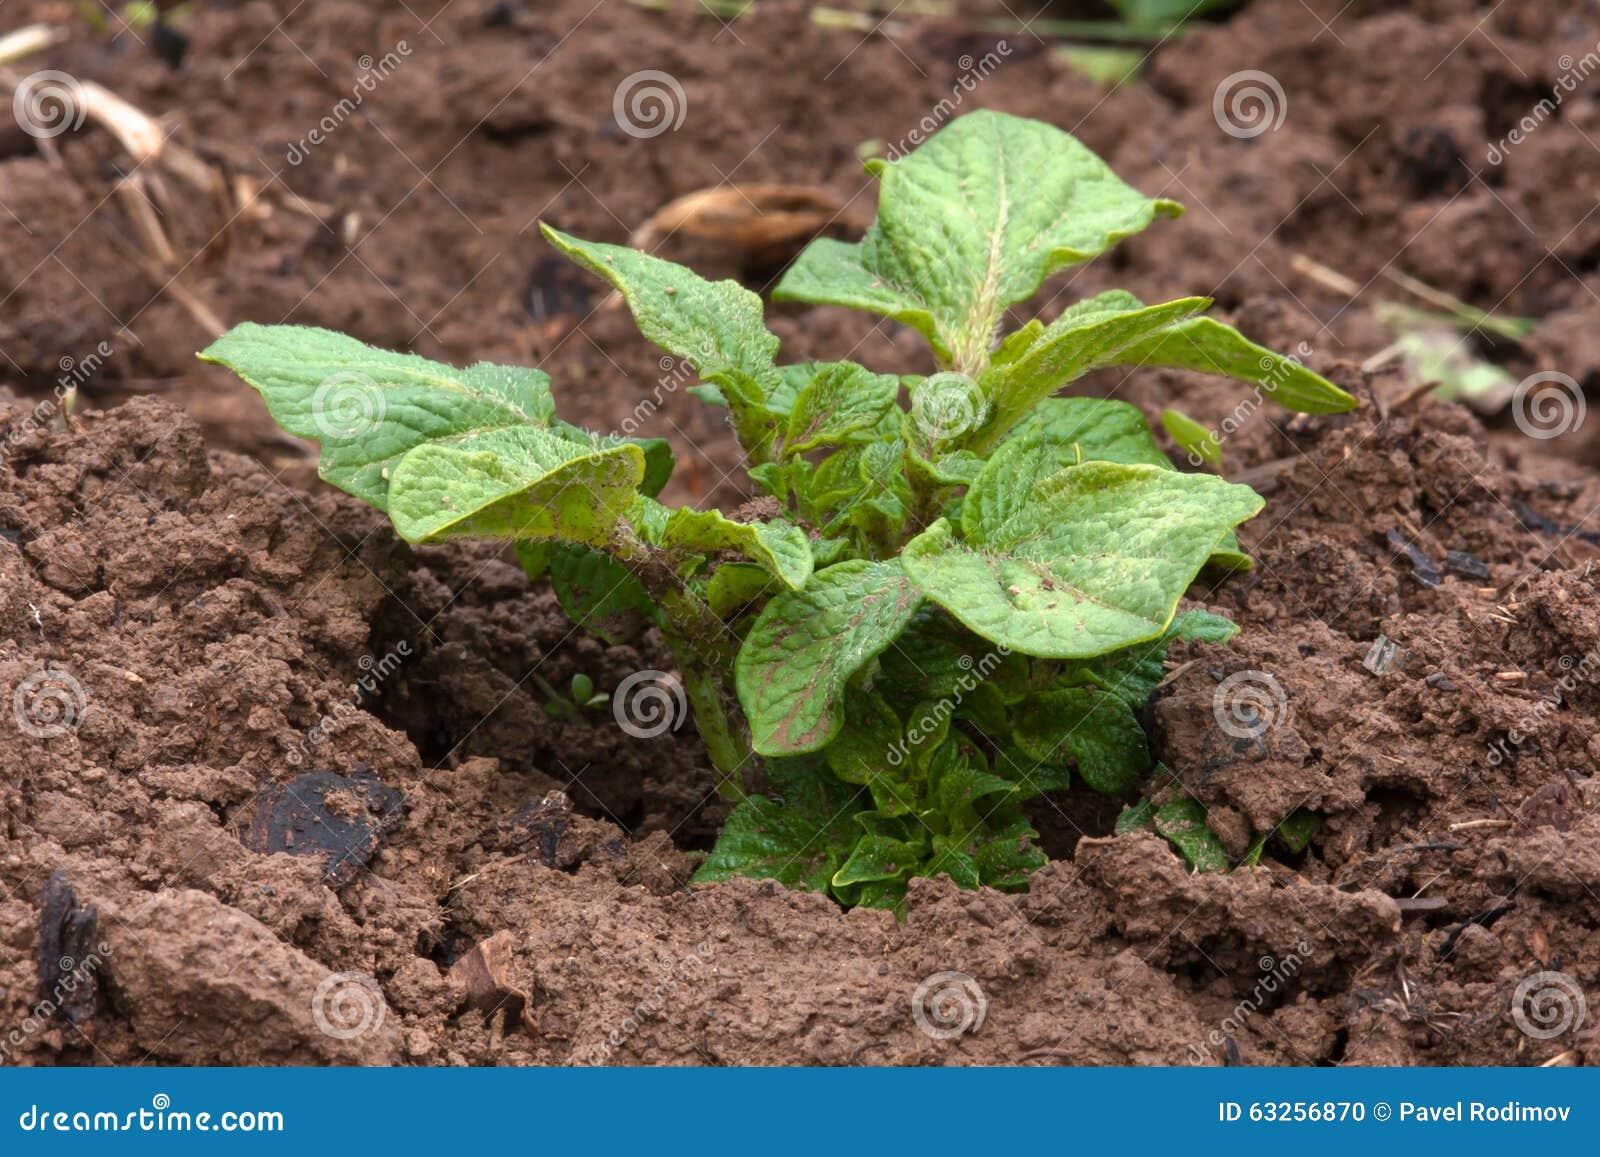 kartoffelpflanze die im gem segarten w chst stockfoto bild 63256870. Black Bedroom Furniture Sets. Home Design Ideas